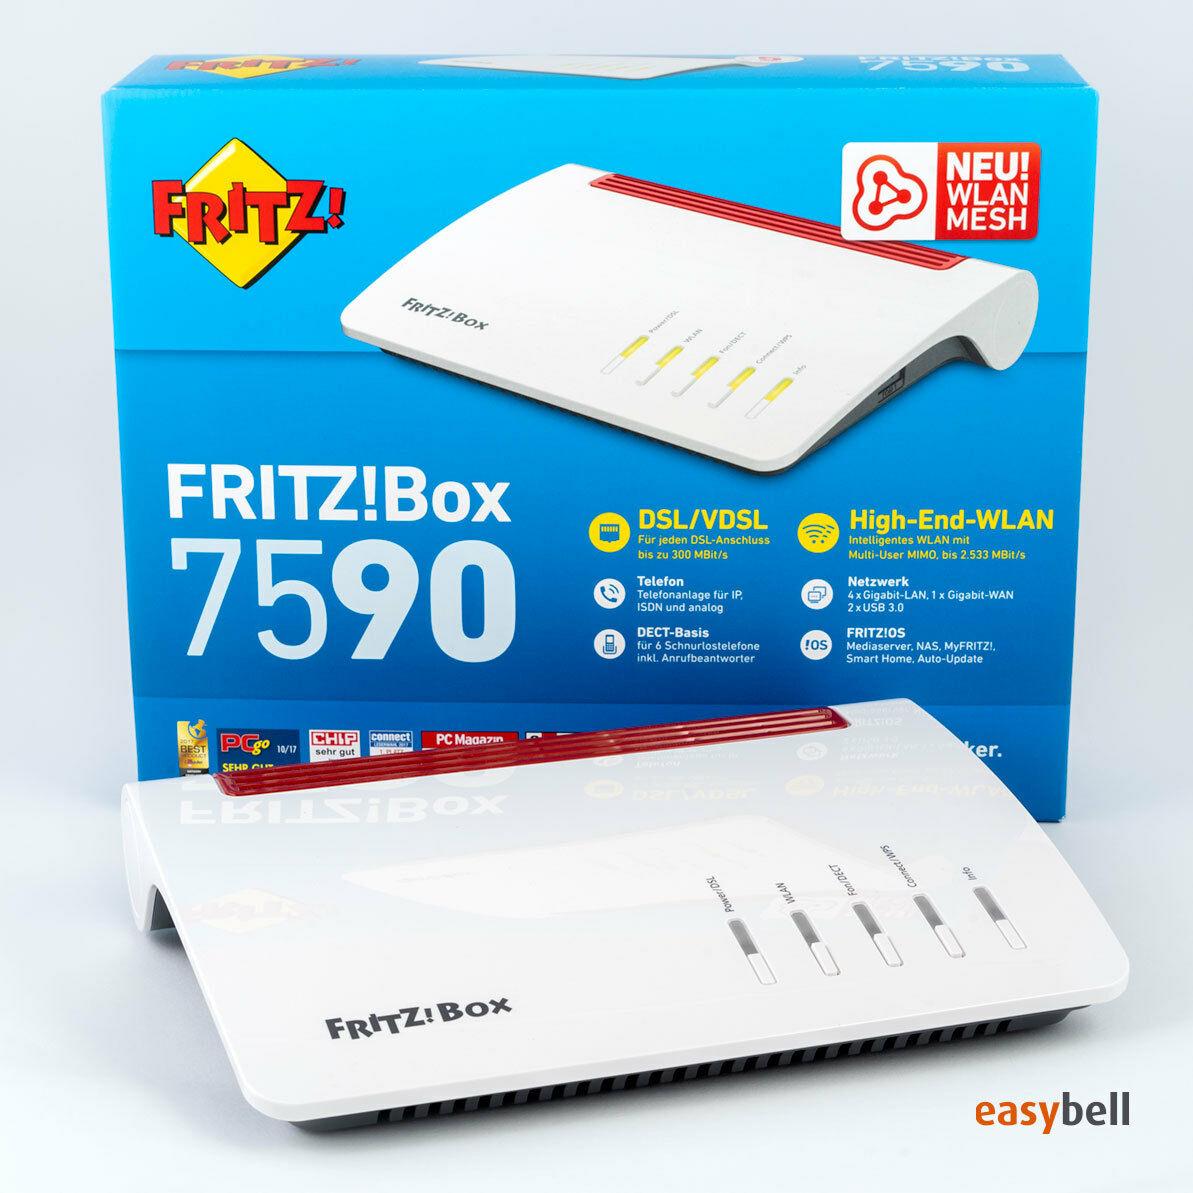 IT_Fritzbox7590